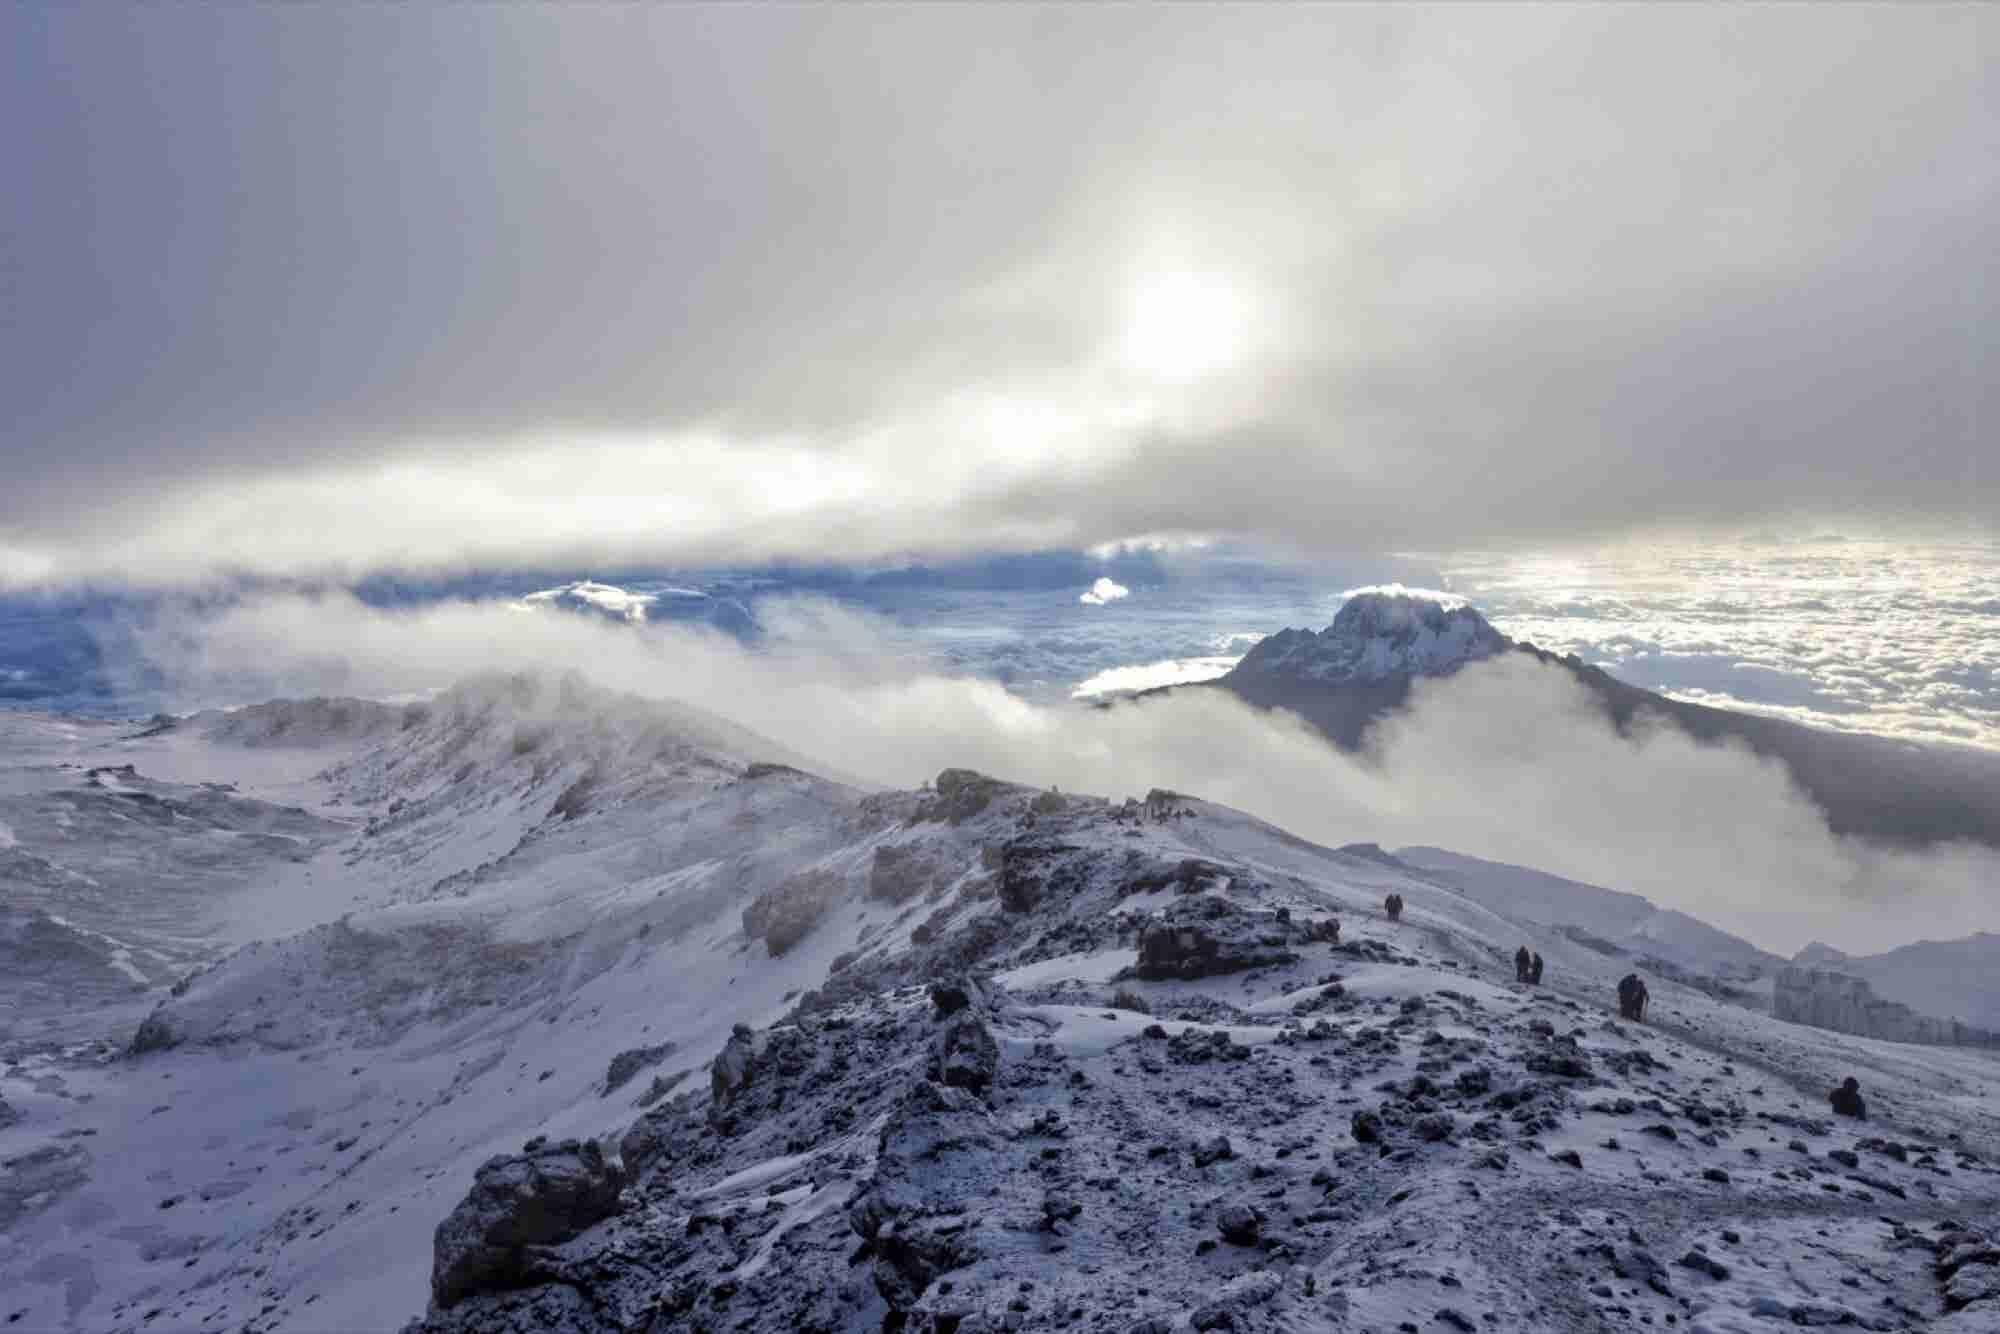 What Climbing Mount Kilimanjaro Taught Me About Climbing 'Mount Entrepreneur'